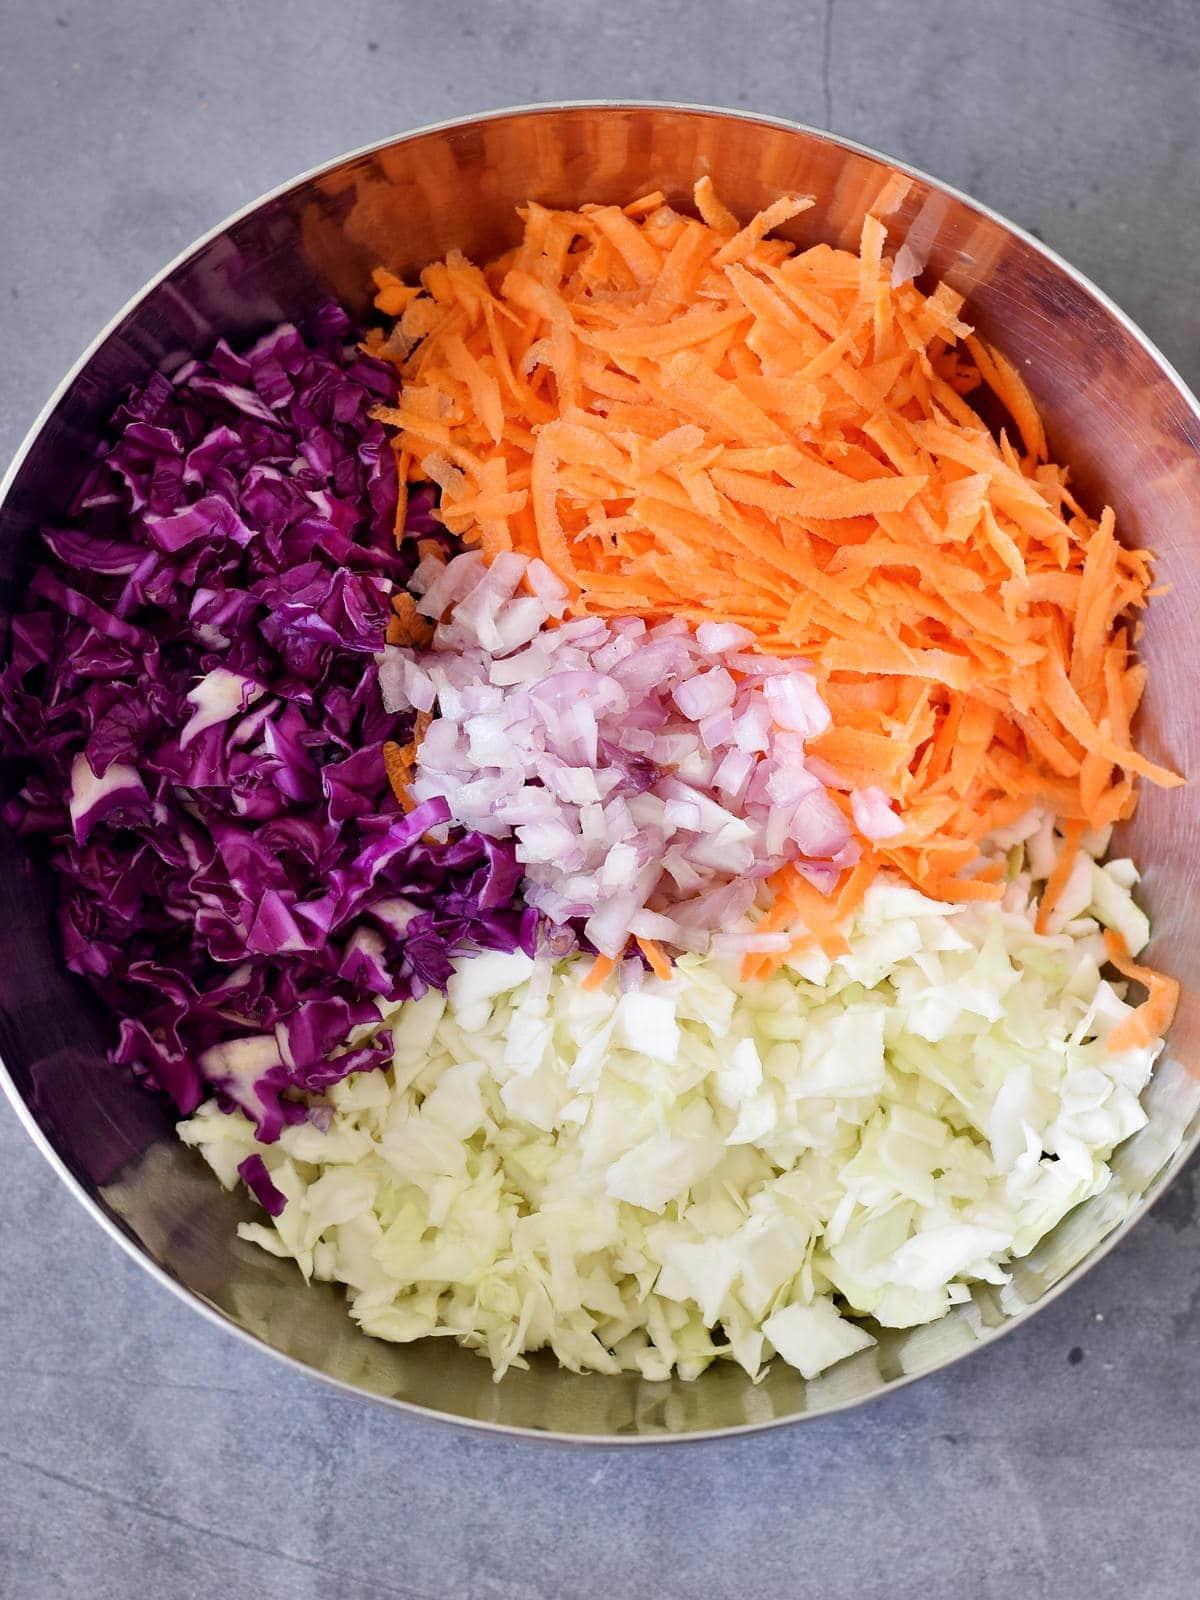 geschnittener Kohl, Karotten und Zwiebeln in einer Schüssel